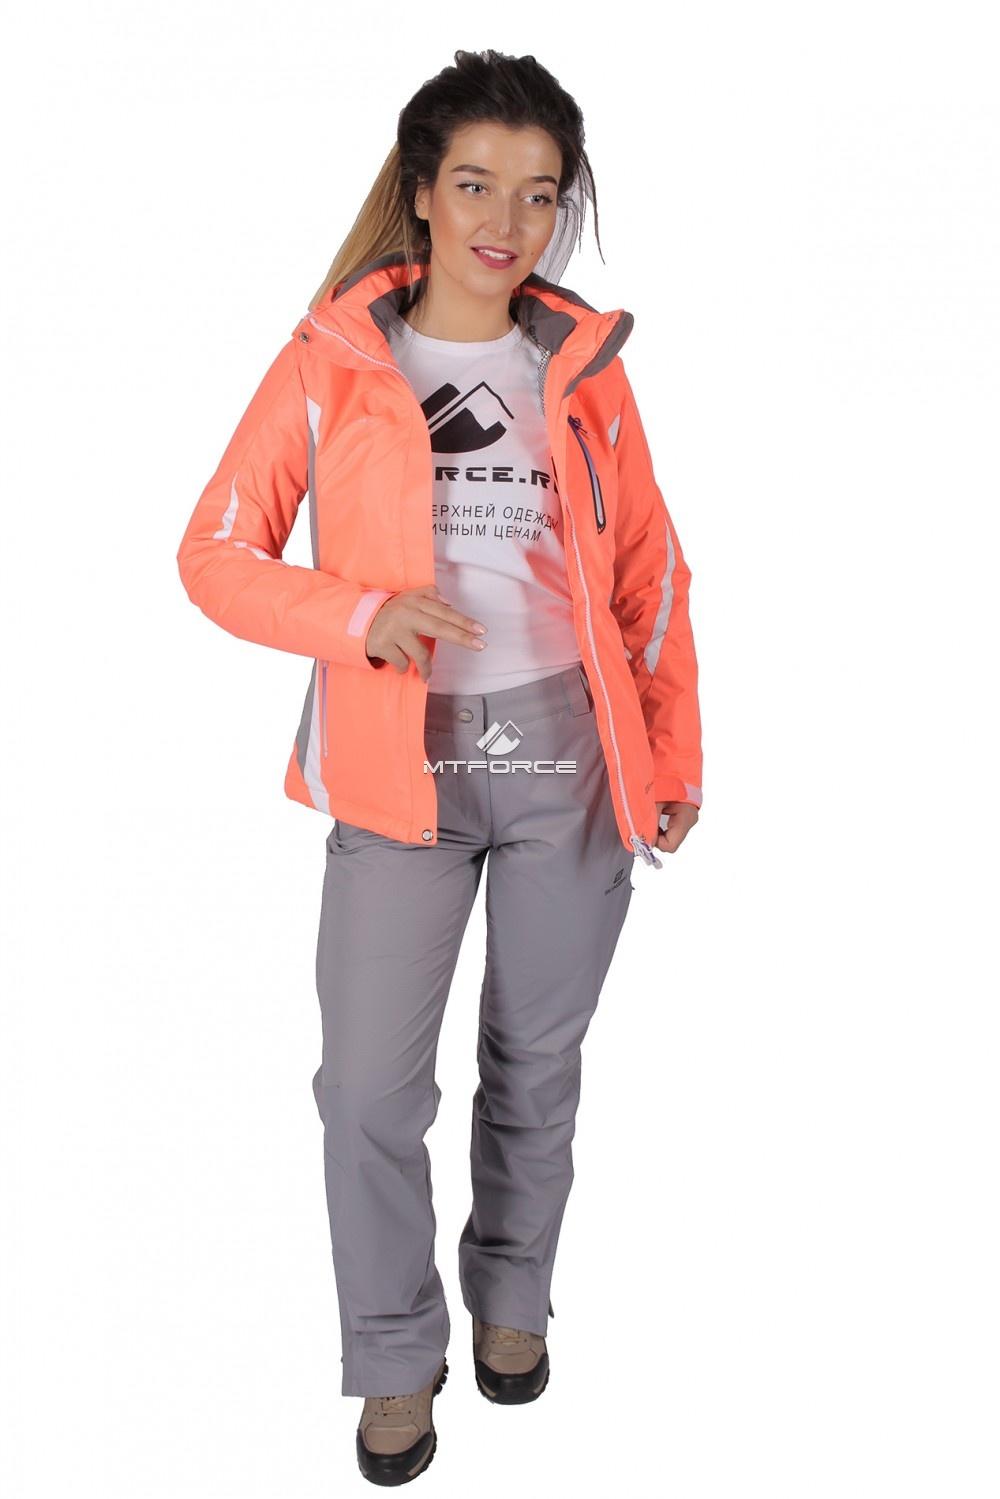 Купить                                      оптом Костюм женский осень весна персикового цвета 01717P в Санкт-Петербурге